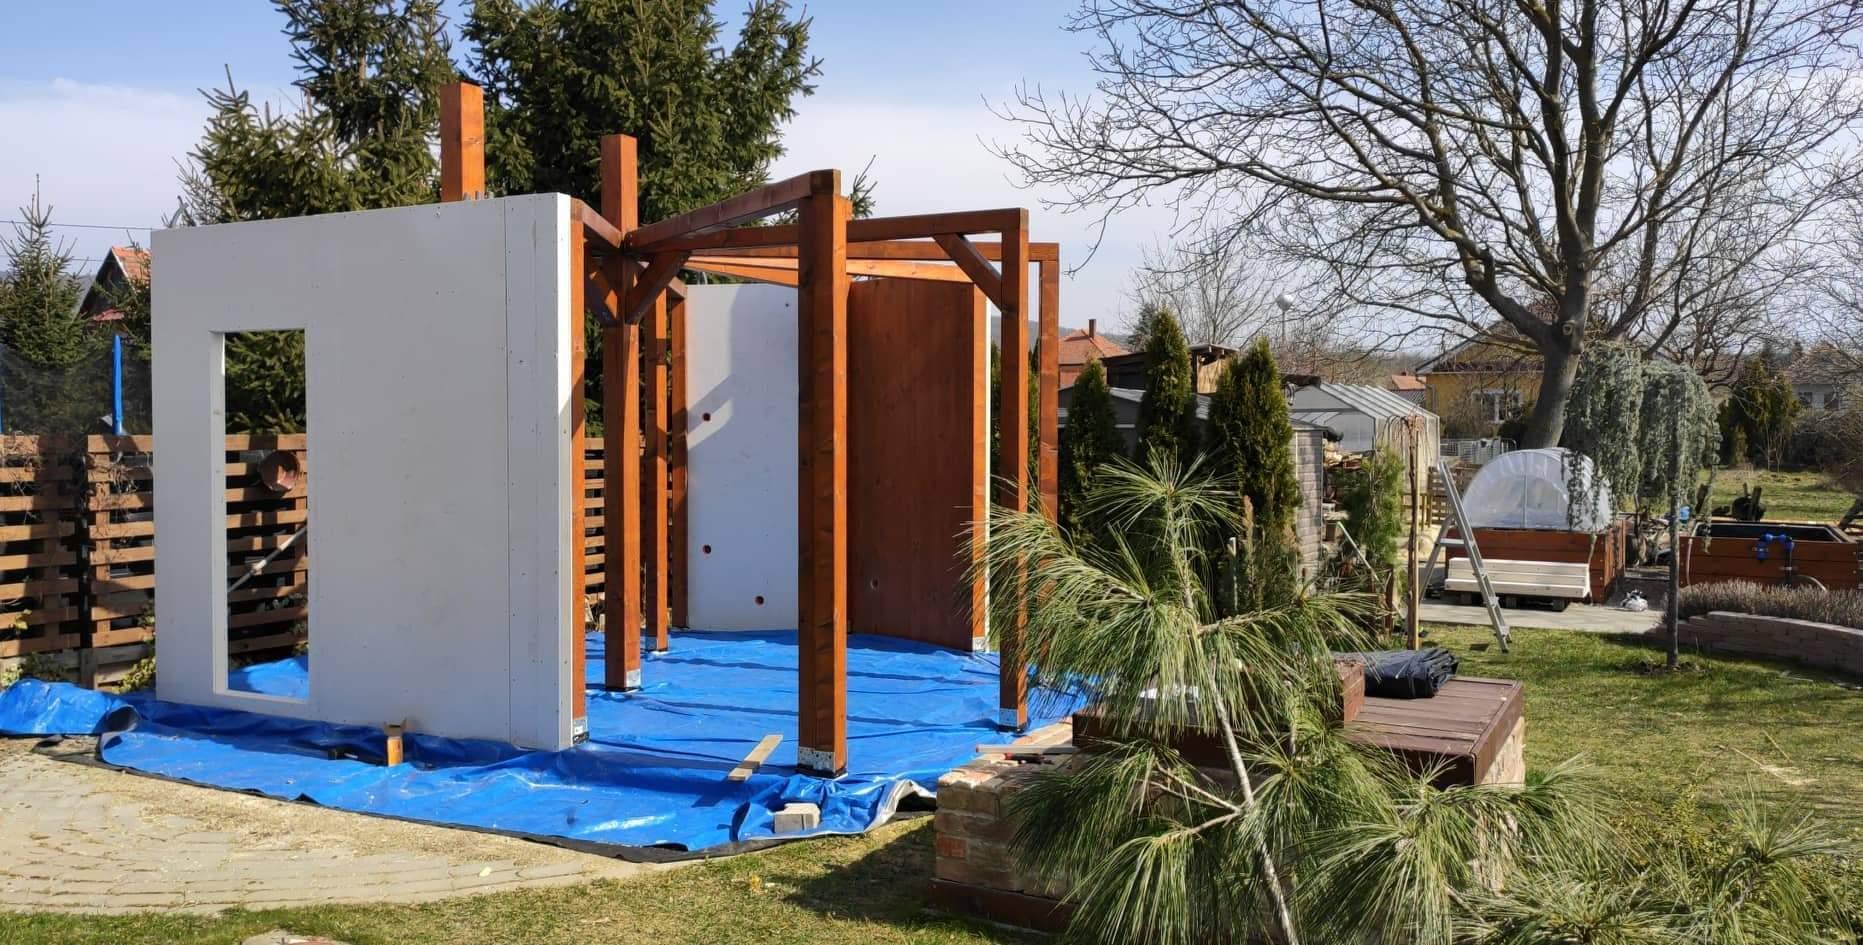 Relaxačný domček sauna a oddychová miestnosť ... plány, príprava a realizácia - Obrázok č. 79